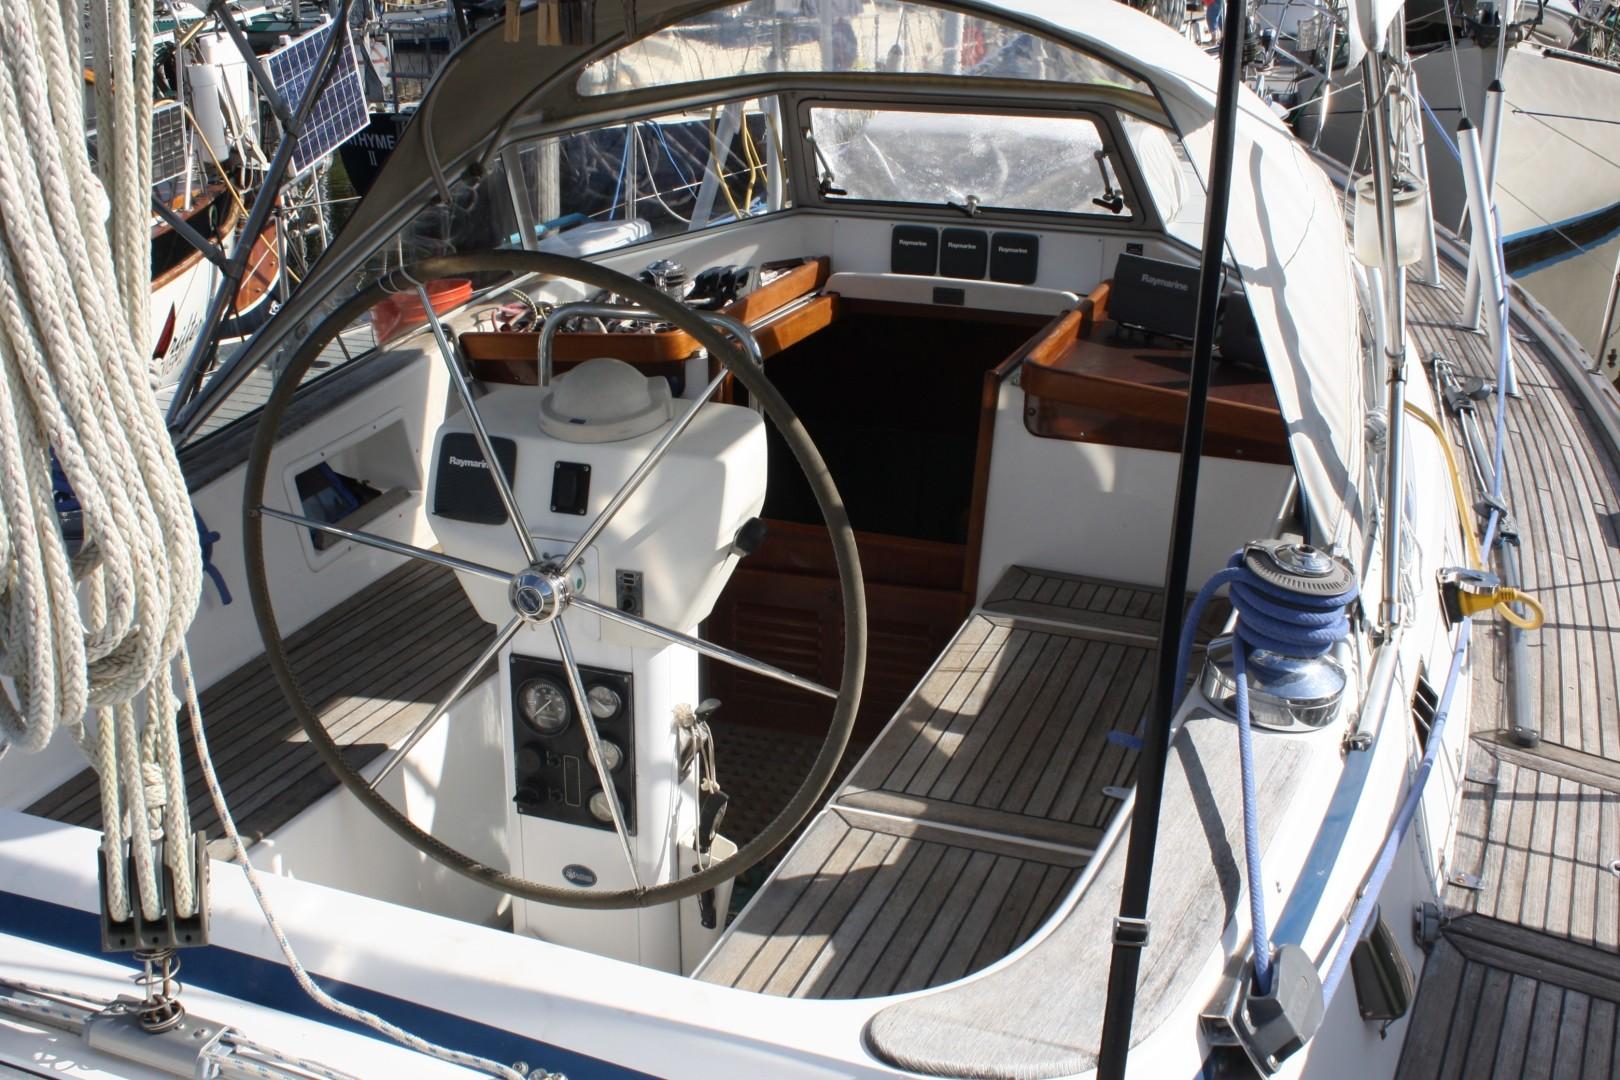 Hallberg-Rassy-36 MKII 2002-Vivace 1 Stuart-Florida-United States-1312721   Thumbnail